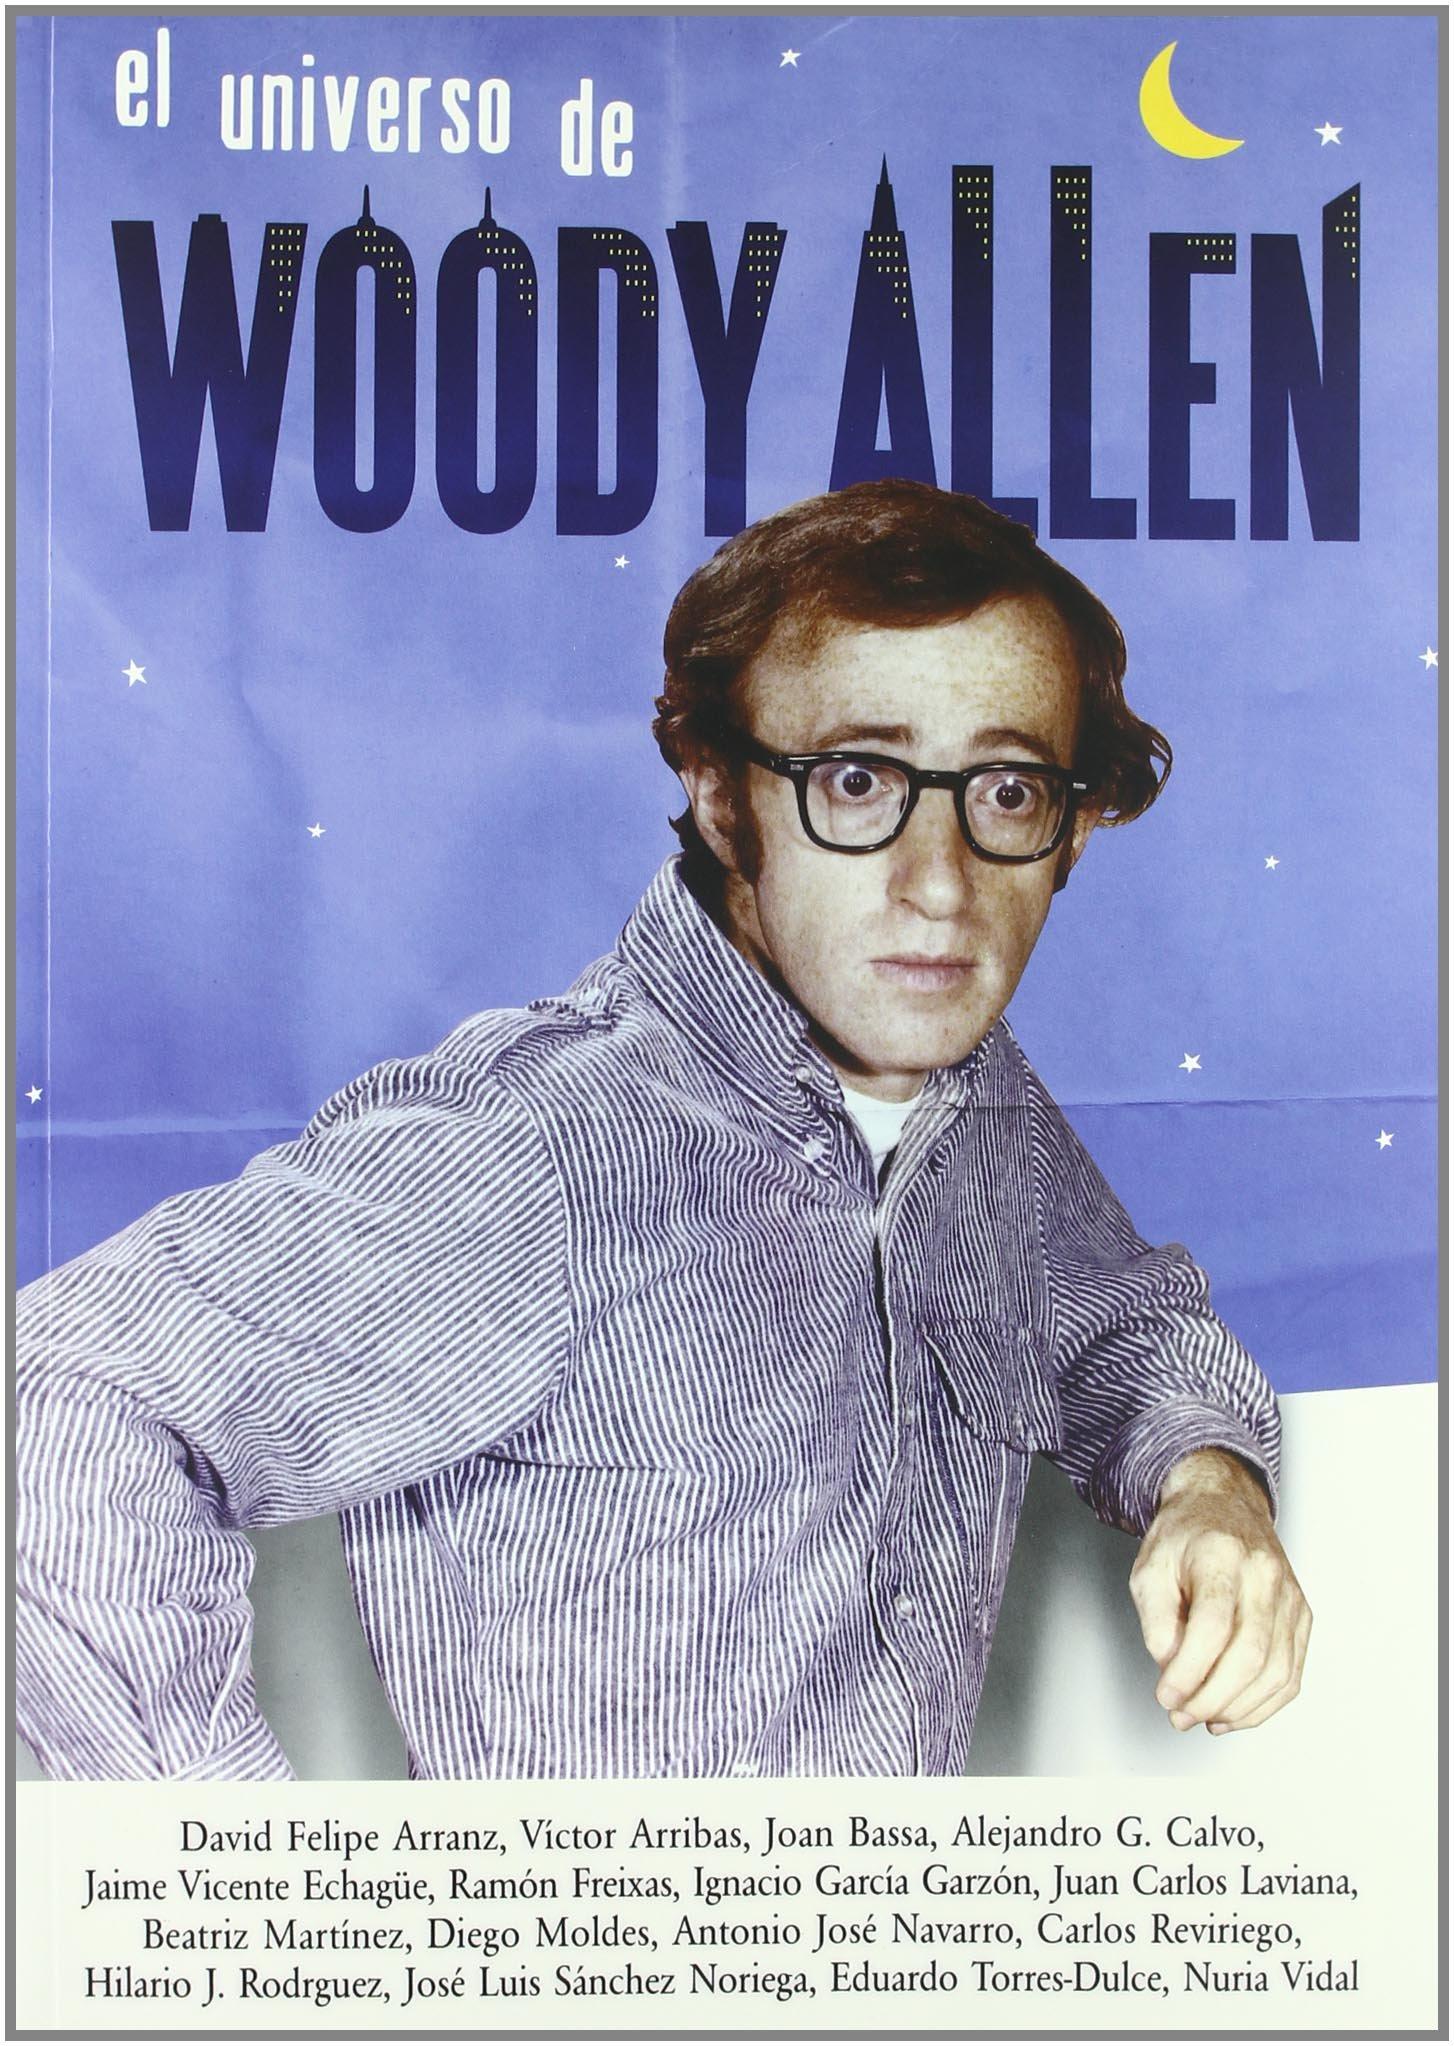 El Universo de Woody Allen, Colección Cine: Amazon.es: ARRANZ ...